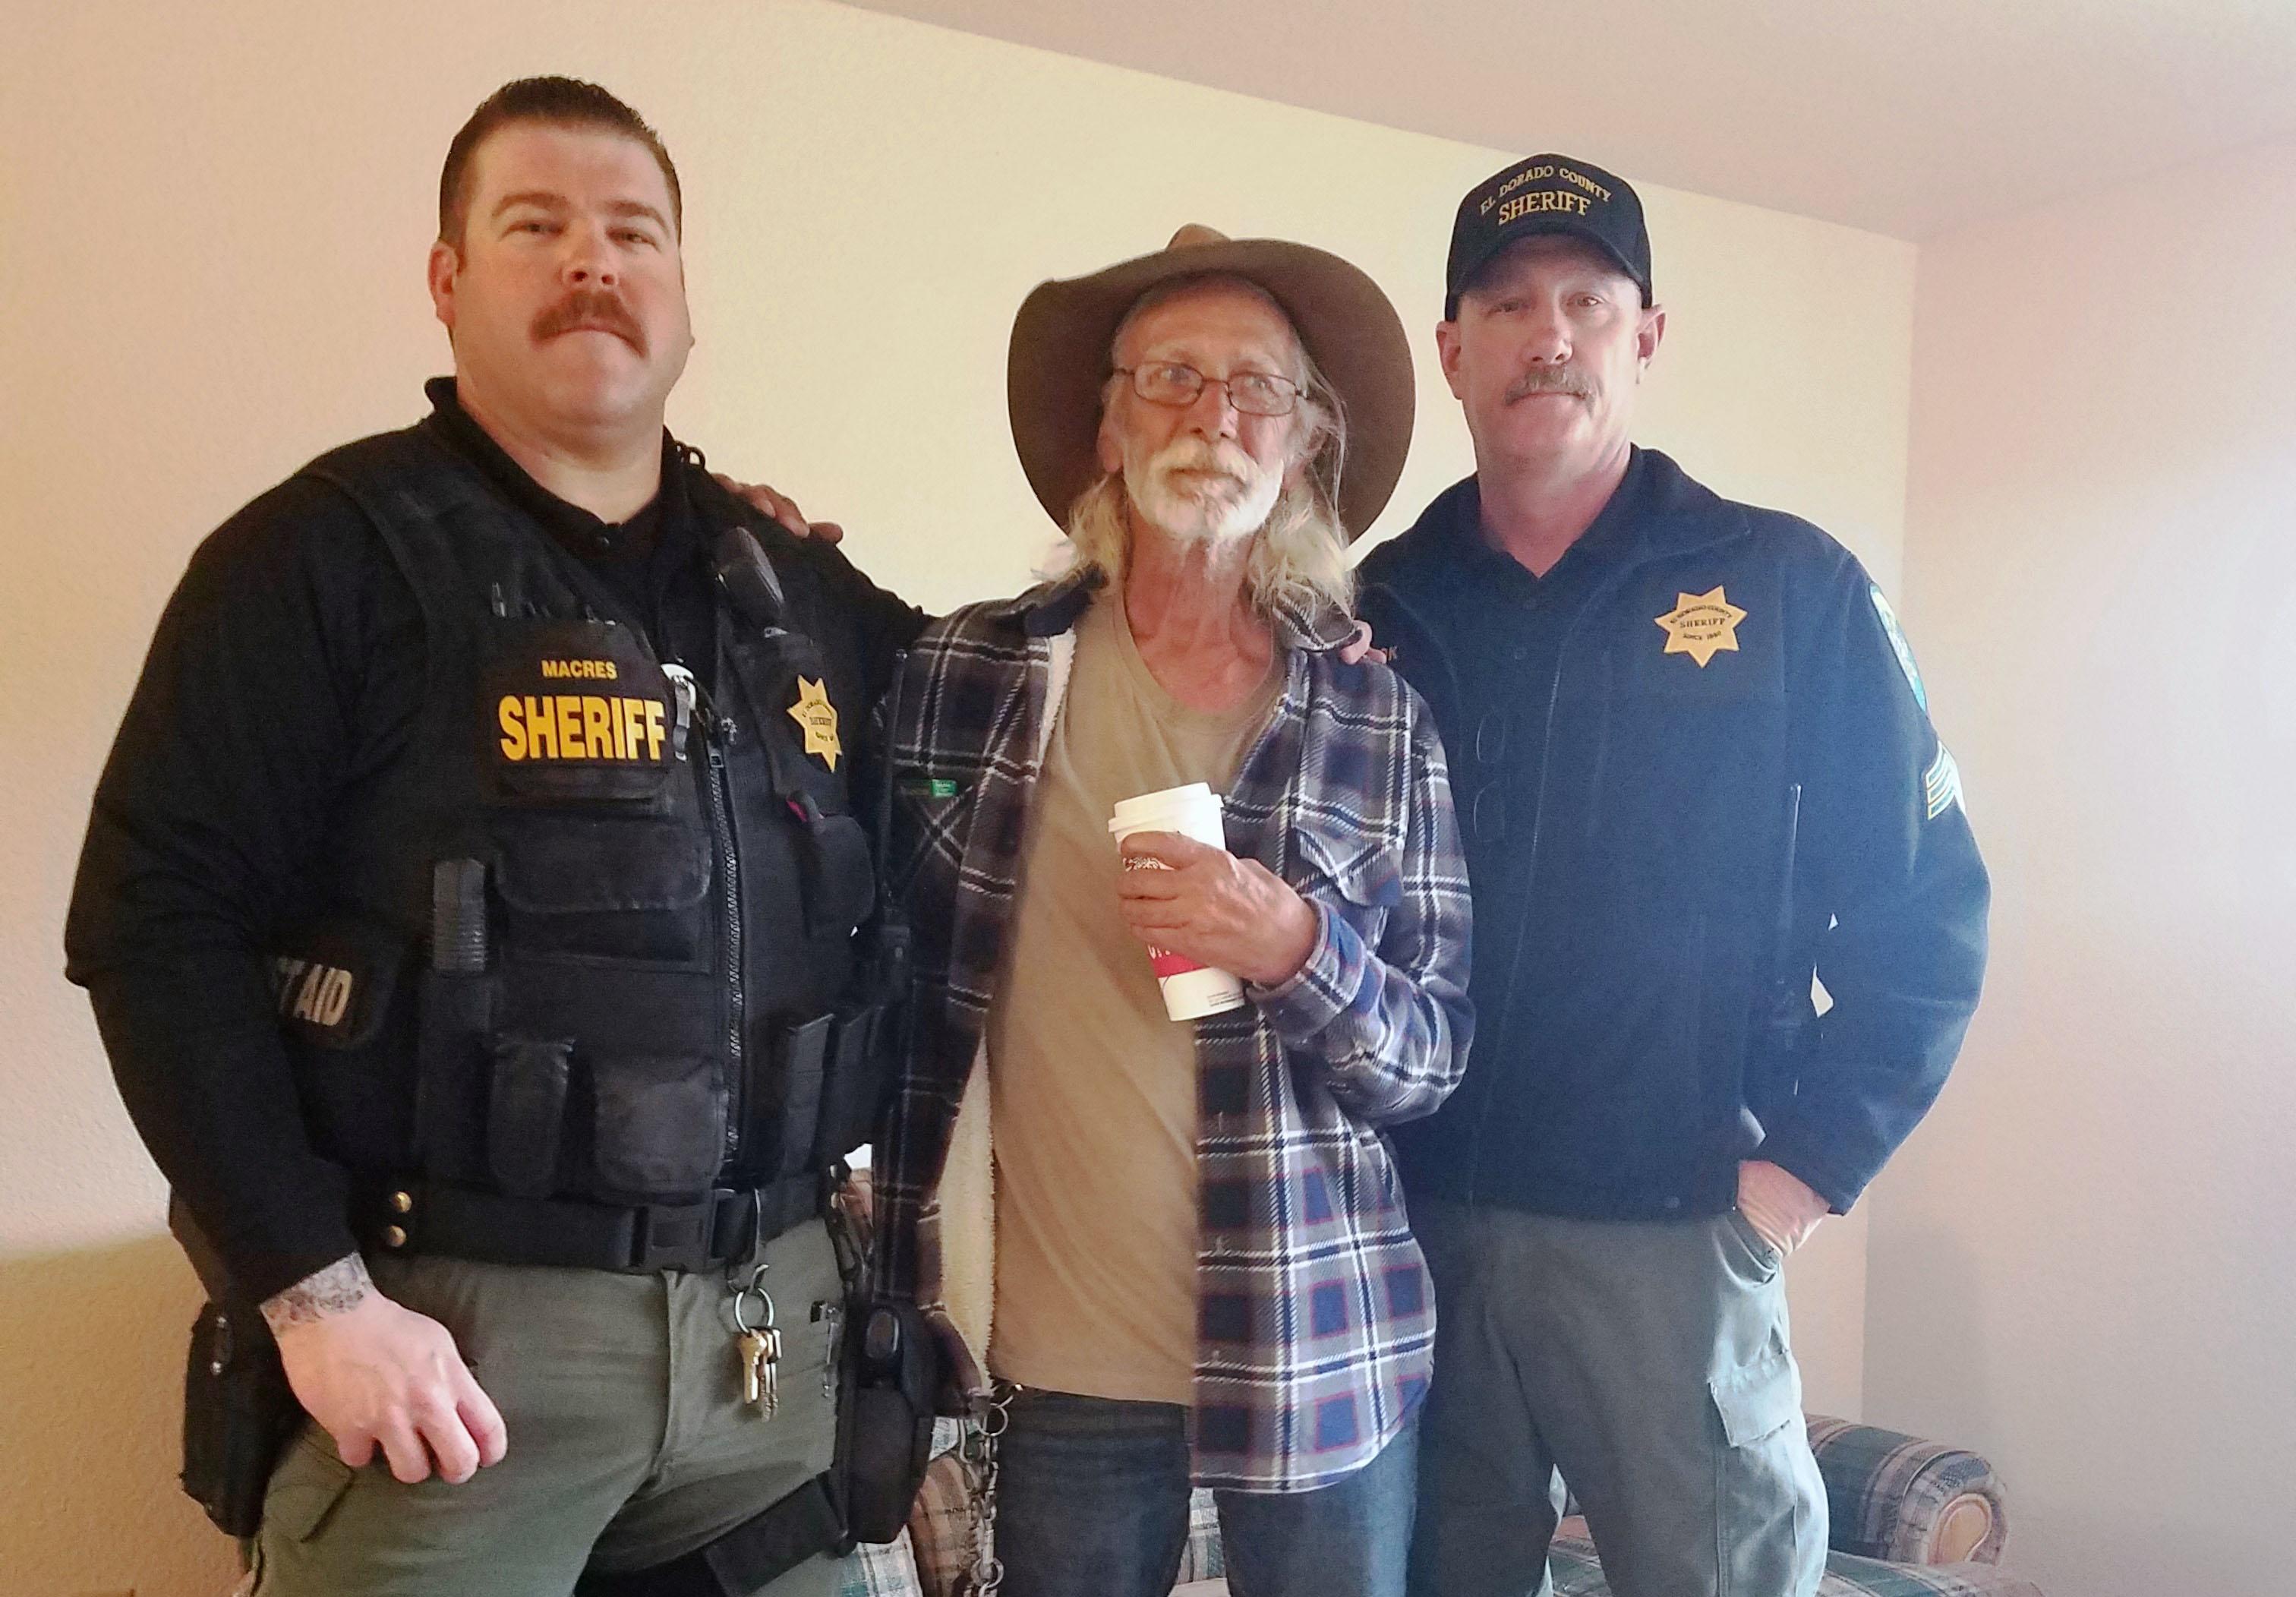 Keith Lozier and Deputies.jpg